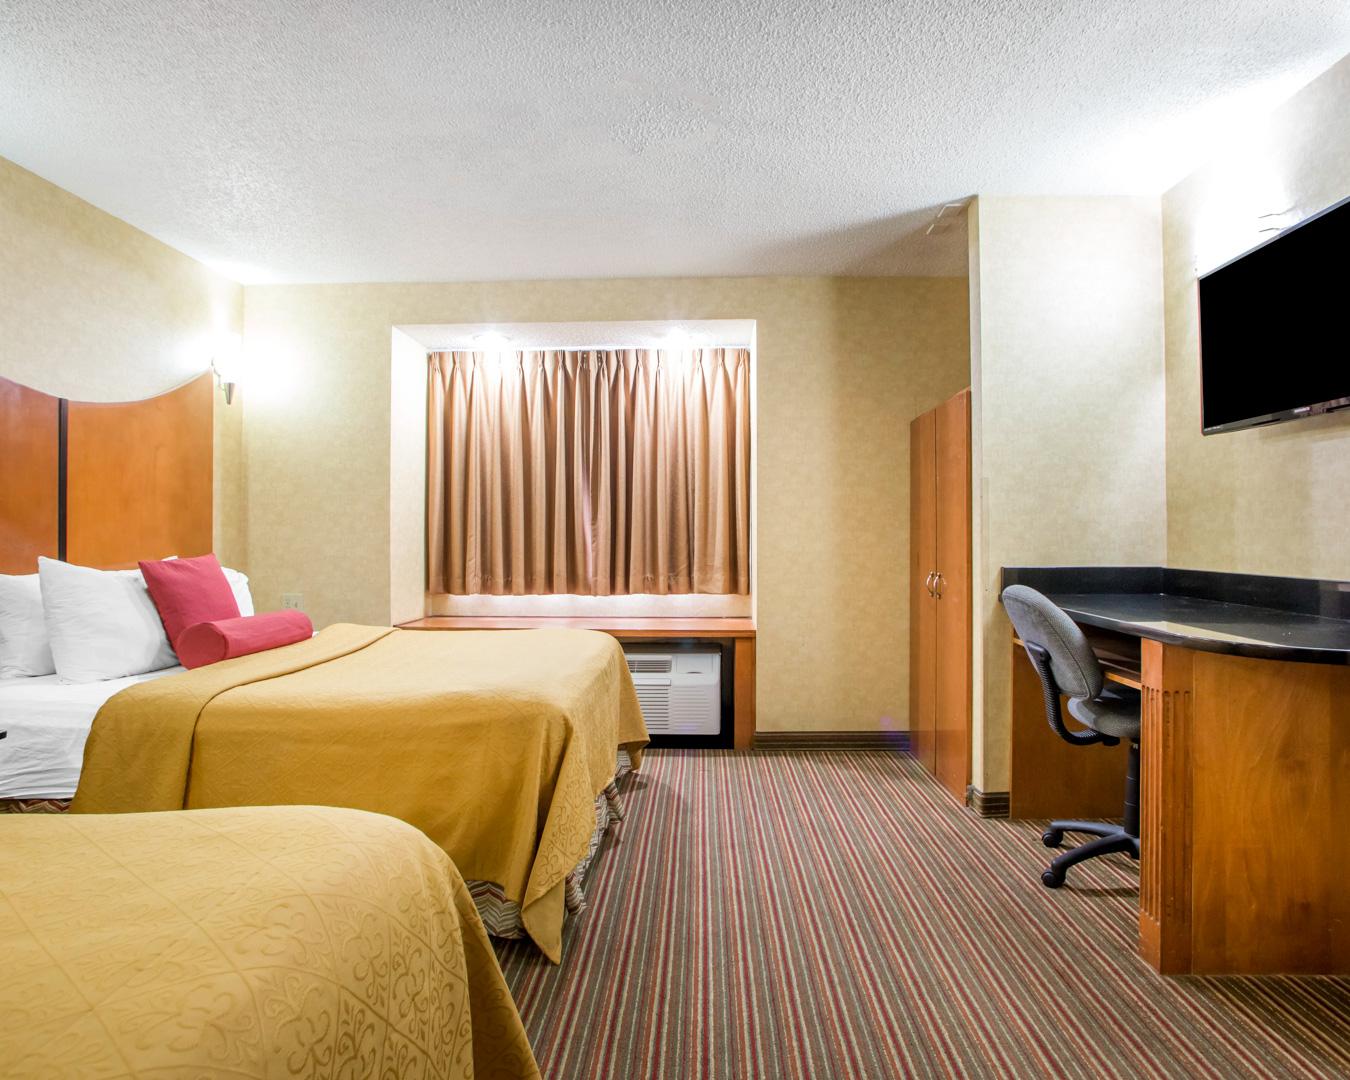 Мотель 6 columbus - worthington находится в городе колумбус, в 7,6 км от амфитеатра жермен и в 7,8 км от